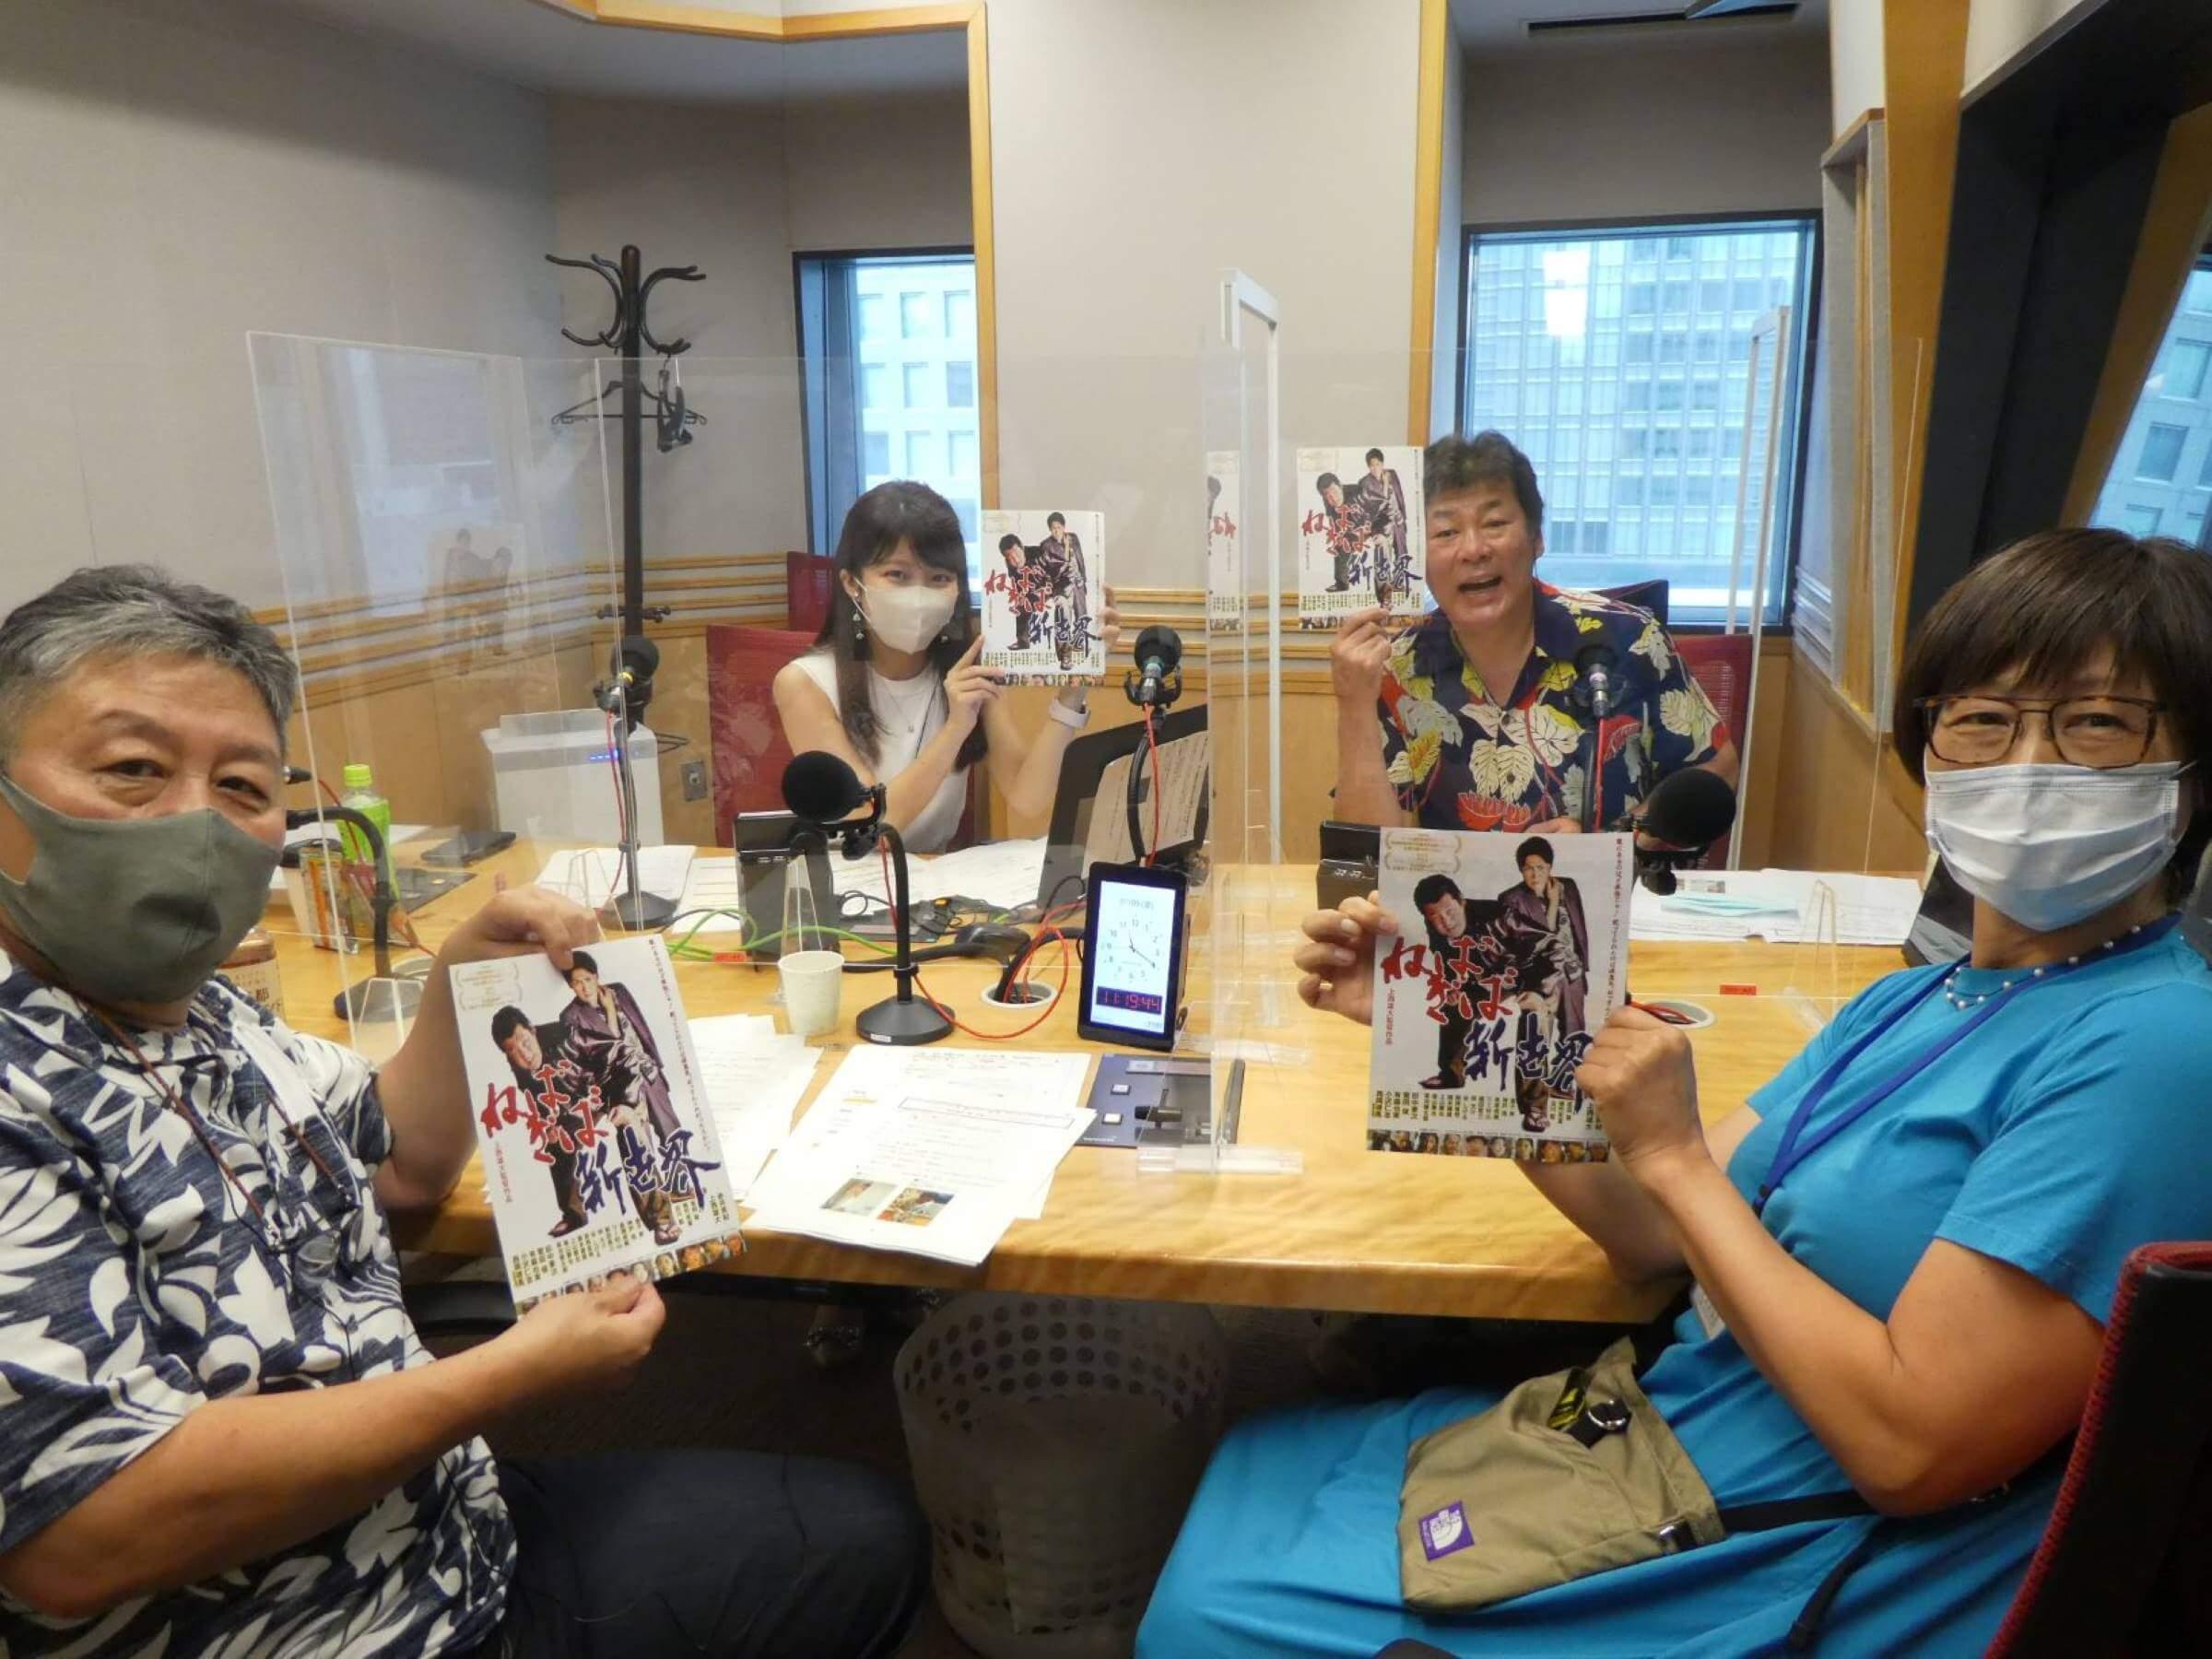 『くにまるジャパン極・極シアター』7月9日(金)のお客様:赤井英和さん